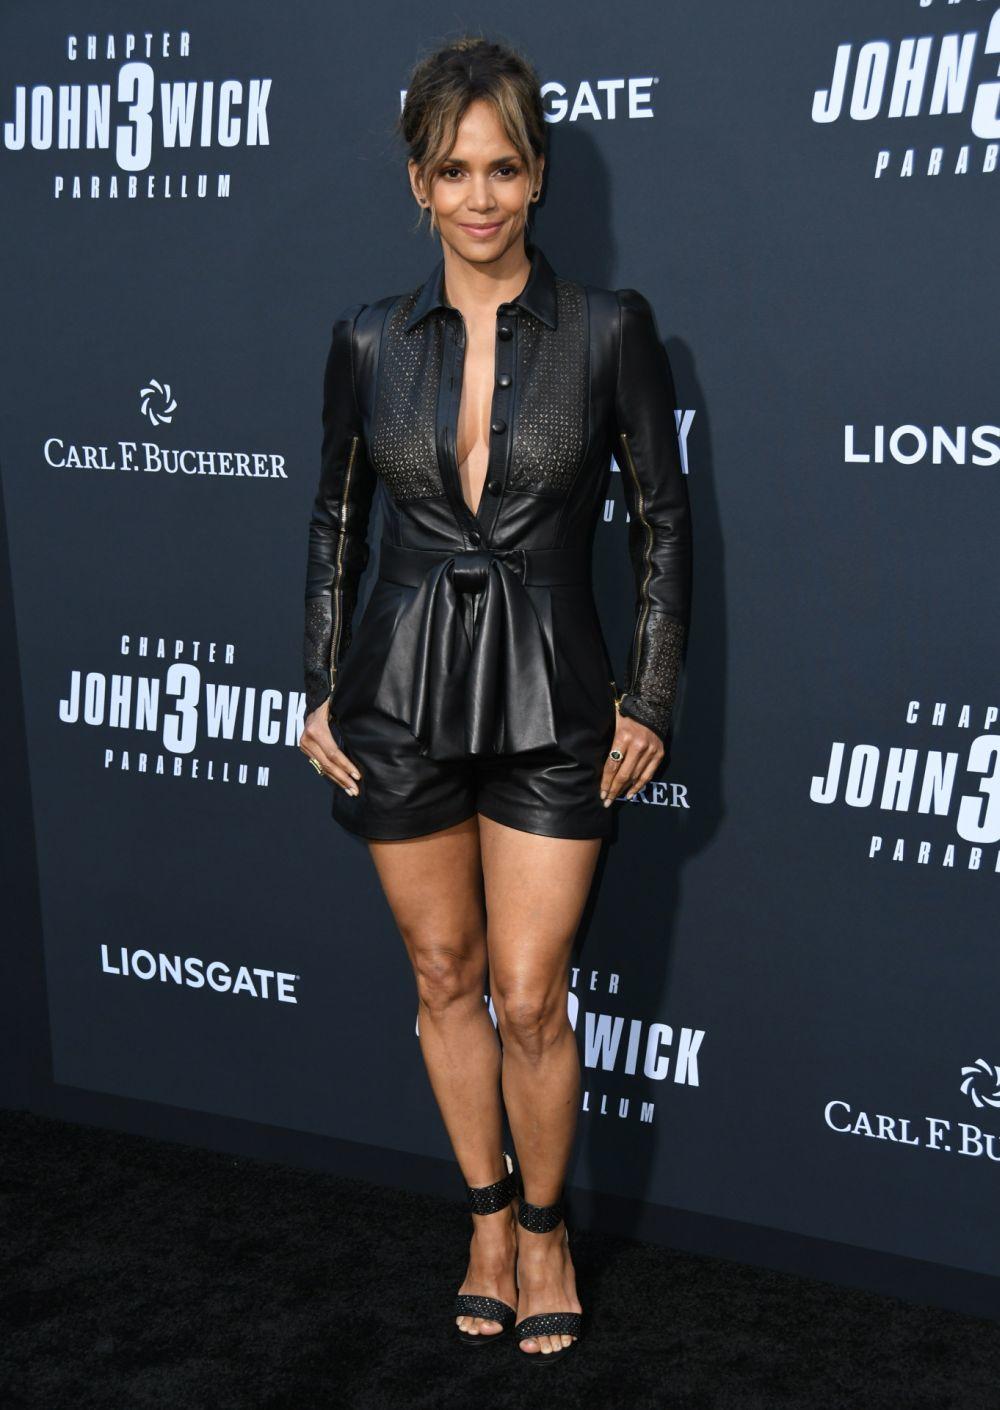 La actriz Halle Berry luciendo piernas y escote con un mono negro de...